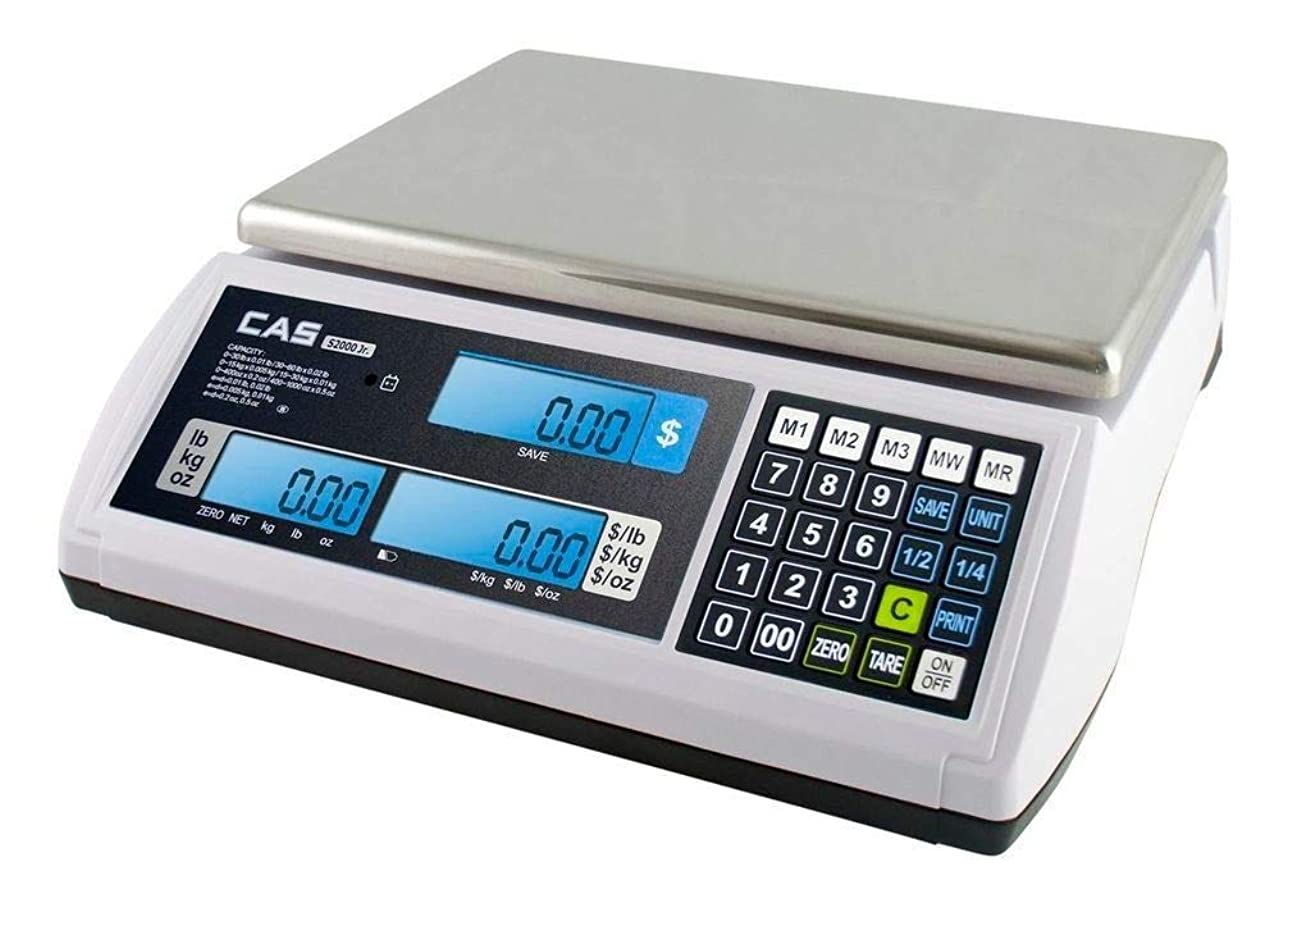 誘うペルソナ救いCAS S-2000 Jr Price Computing Scale with LCD Display 60 lbs by CAS